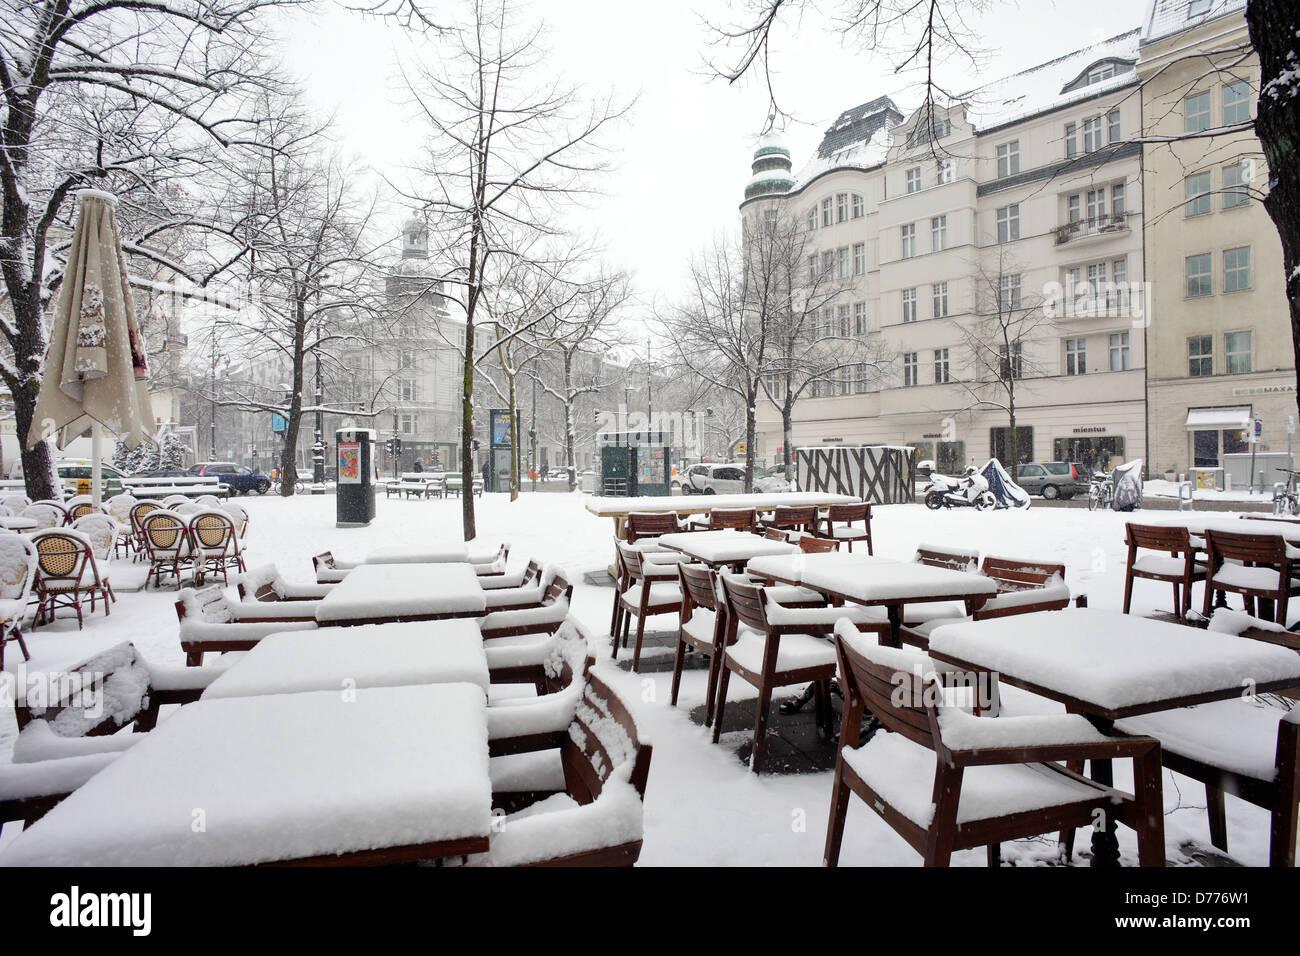 Berlino, Germania, nevicato in mobili di un caffè sul posto George Grosz Immagini Stock